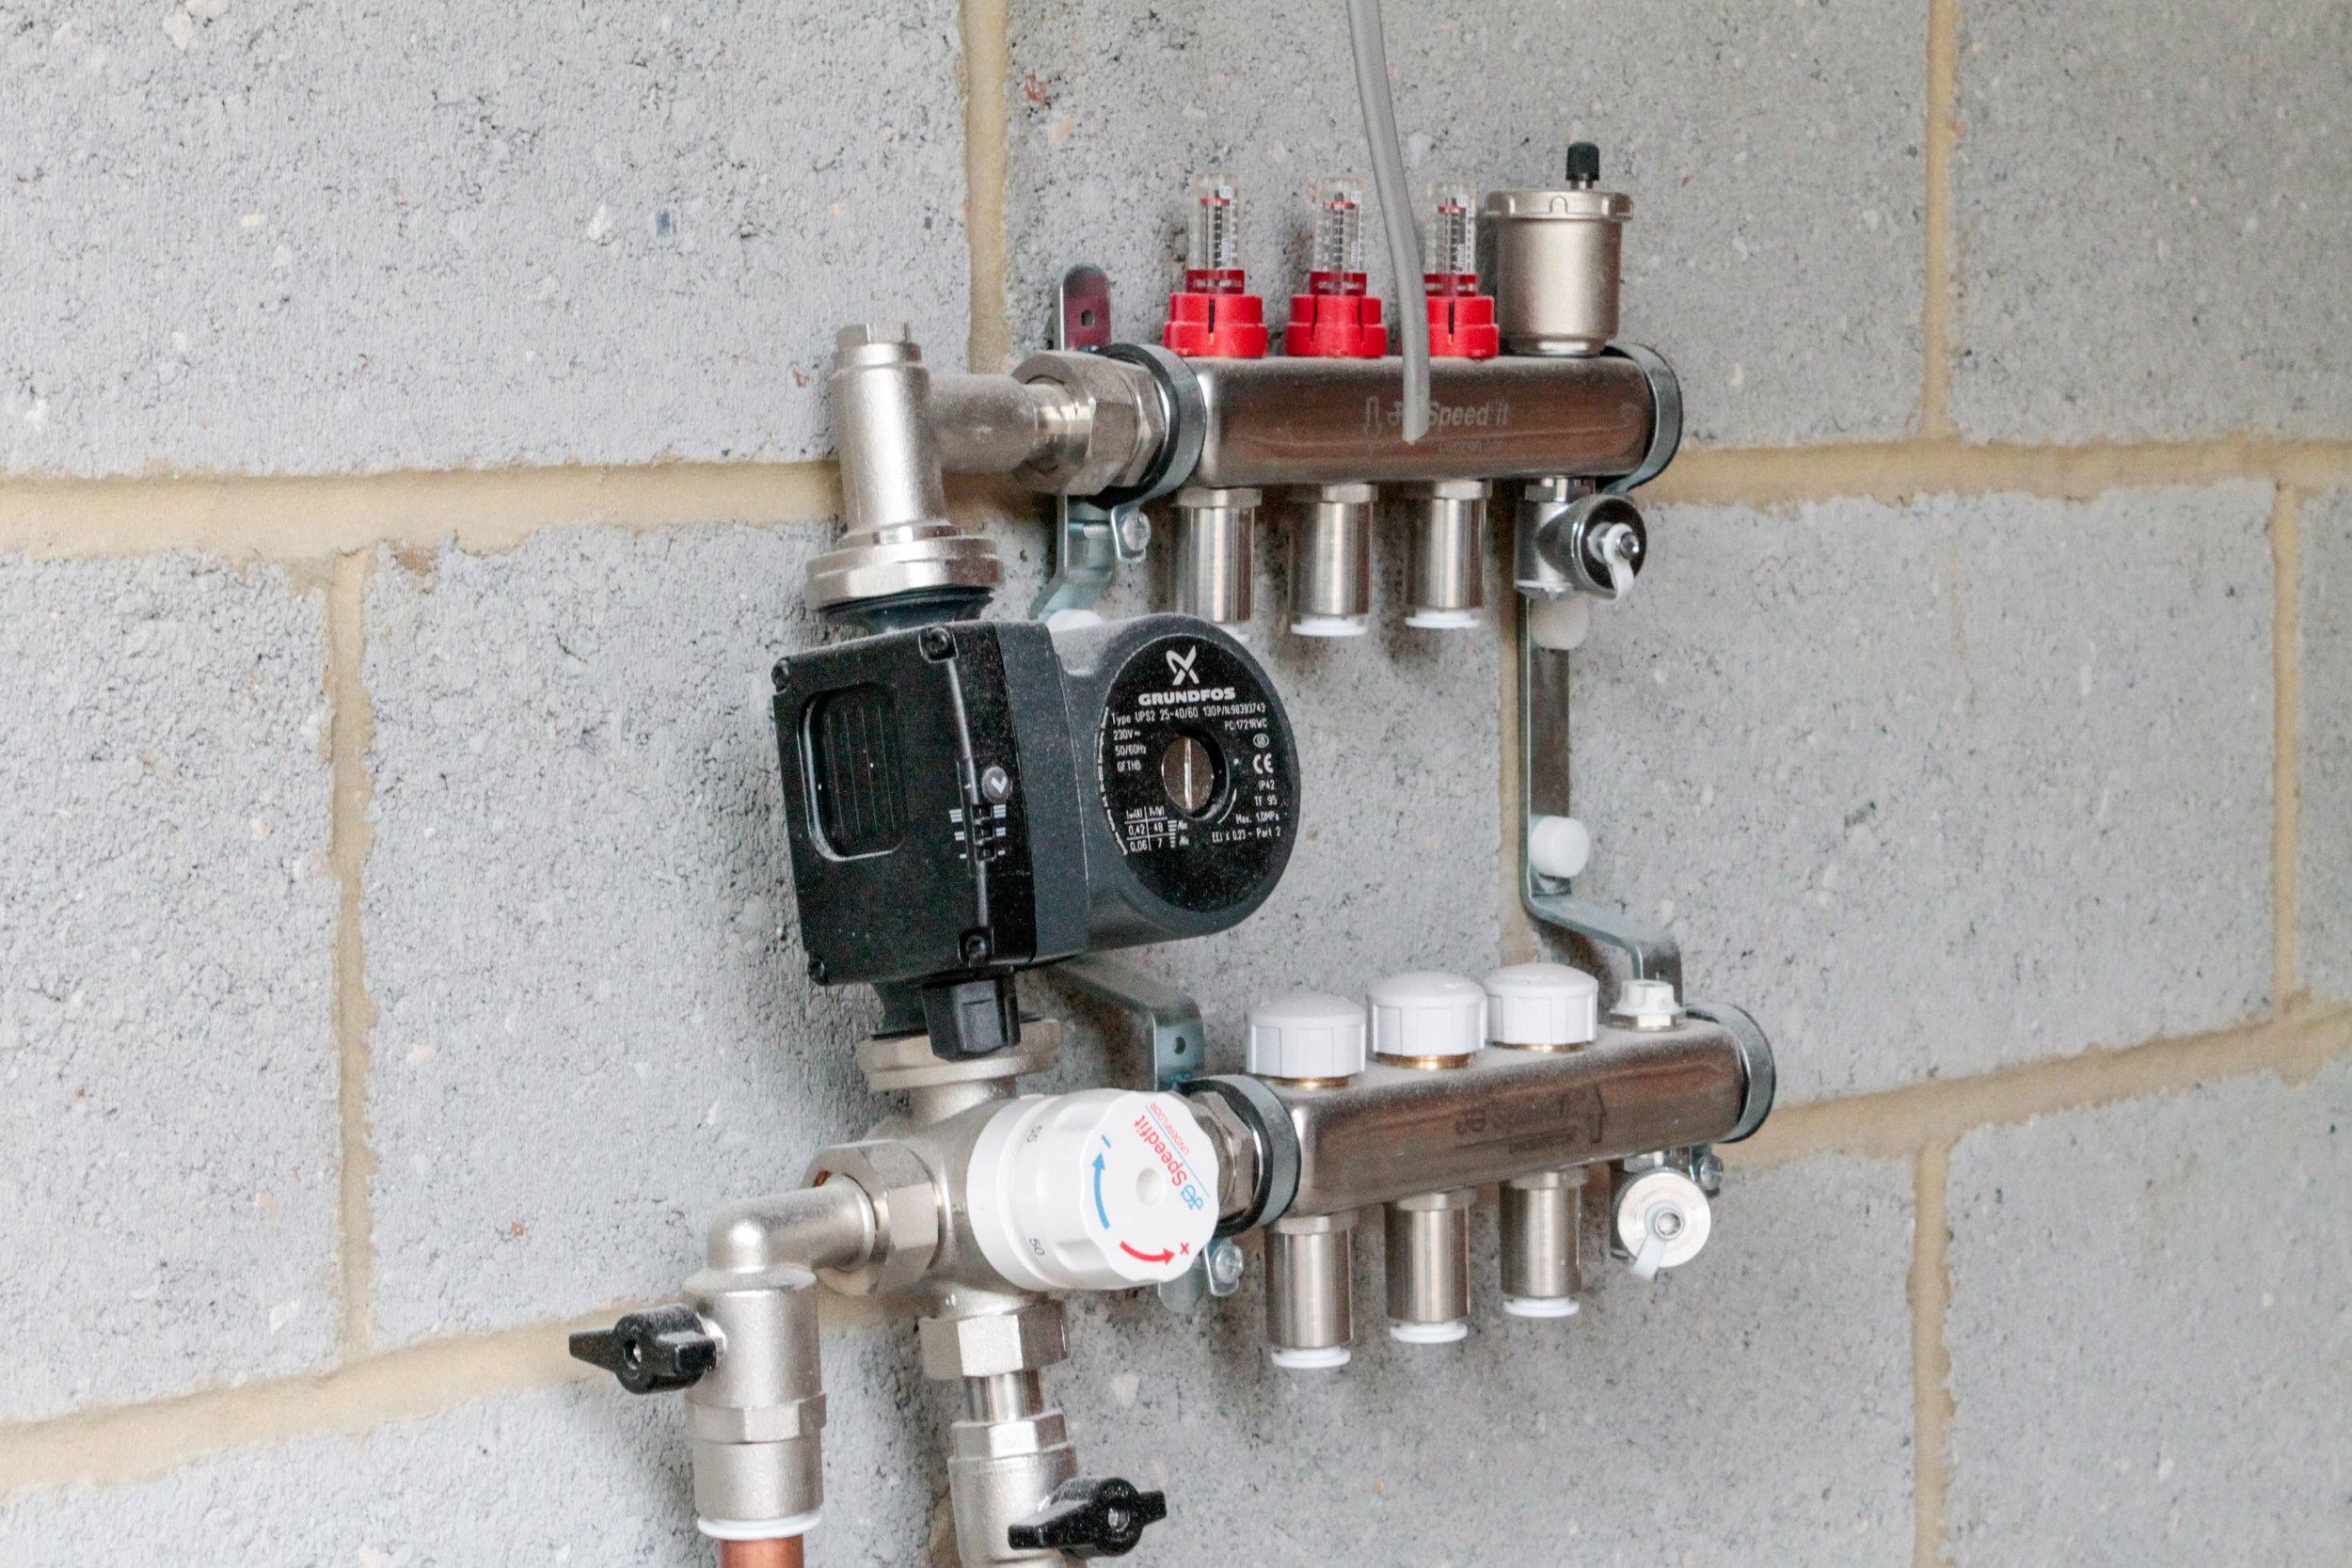 S3 Underfloor heating controller